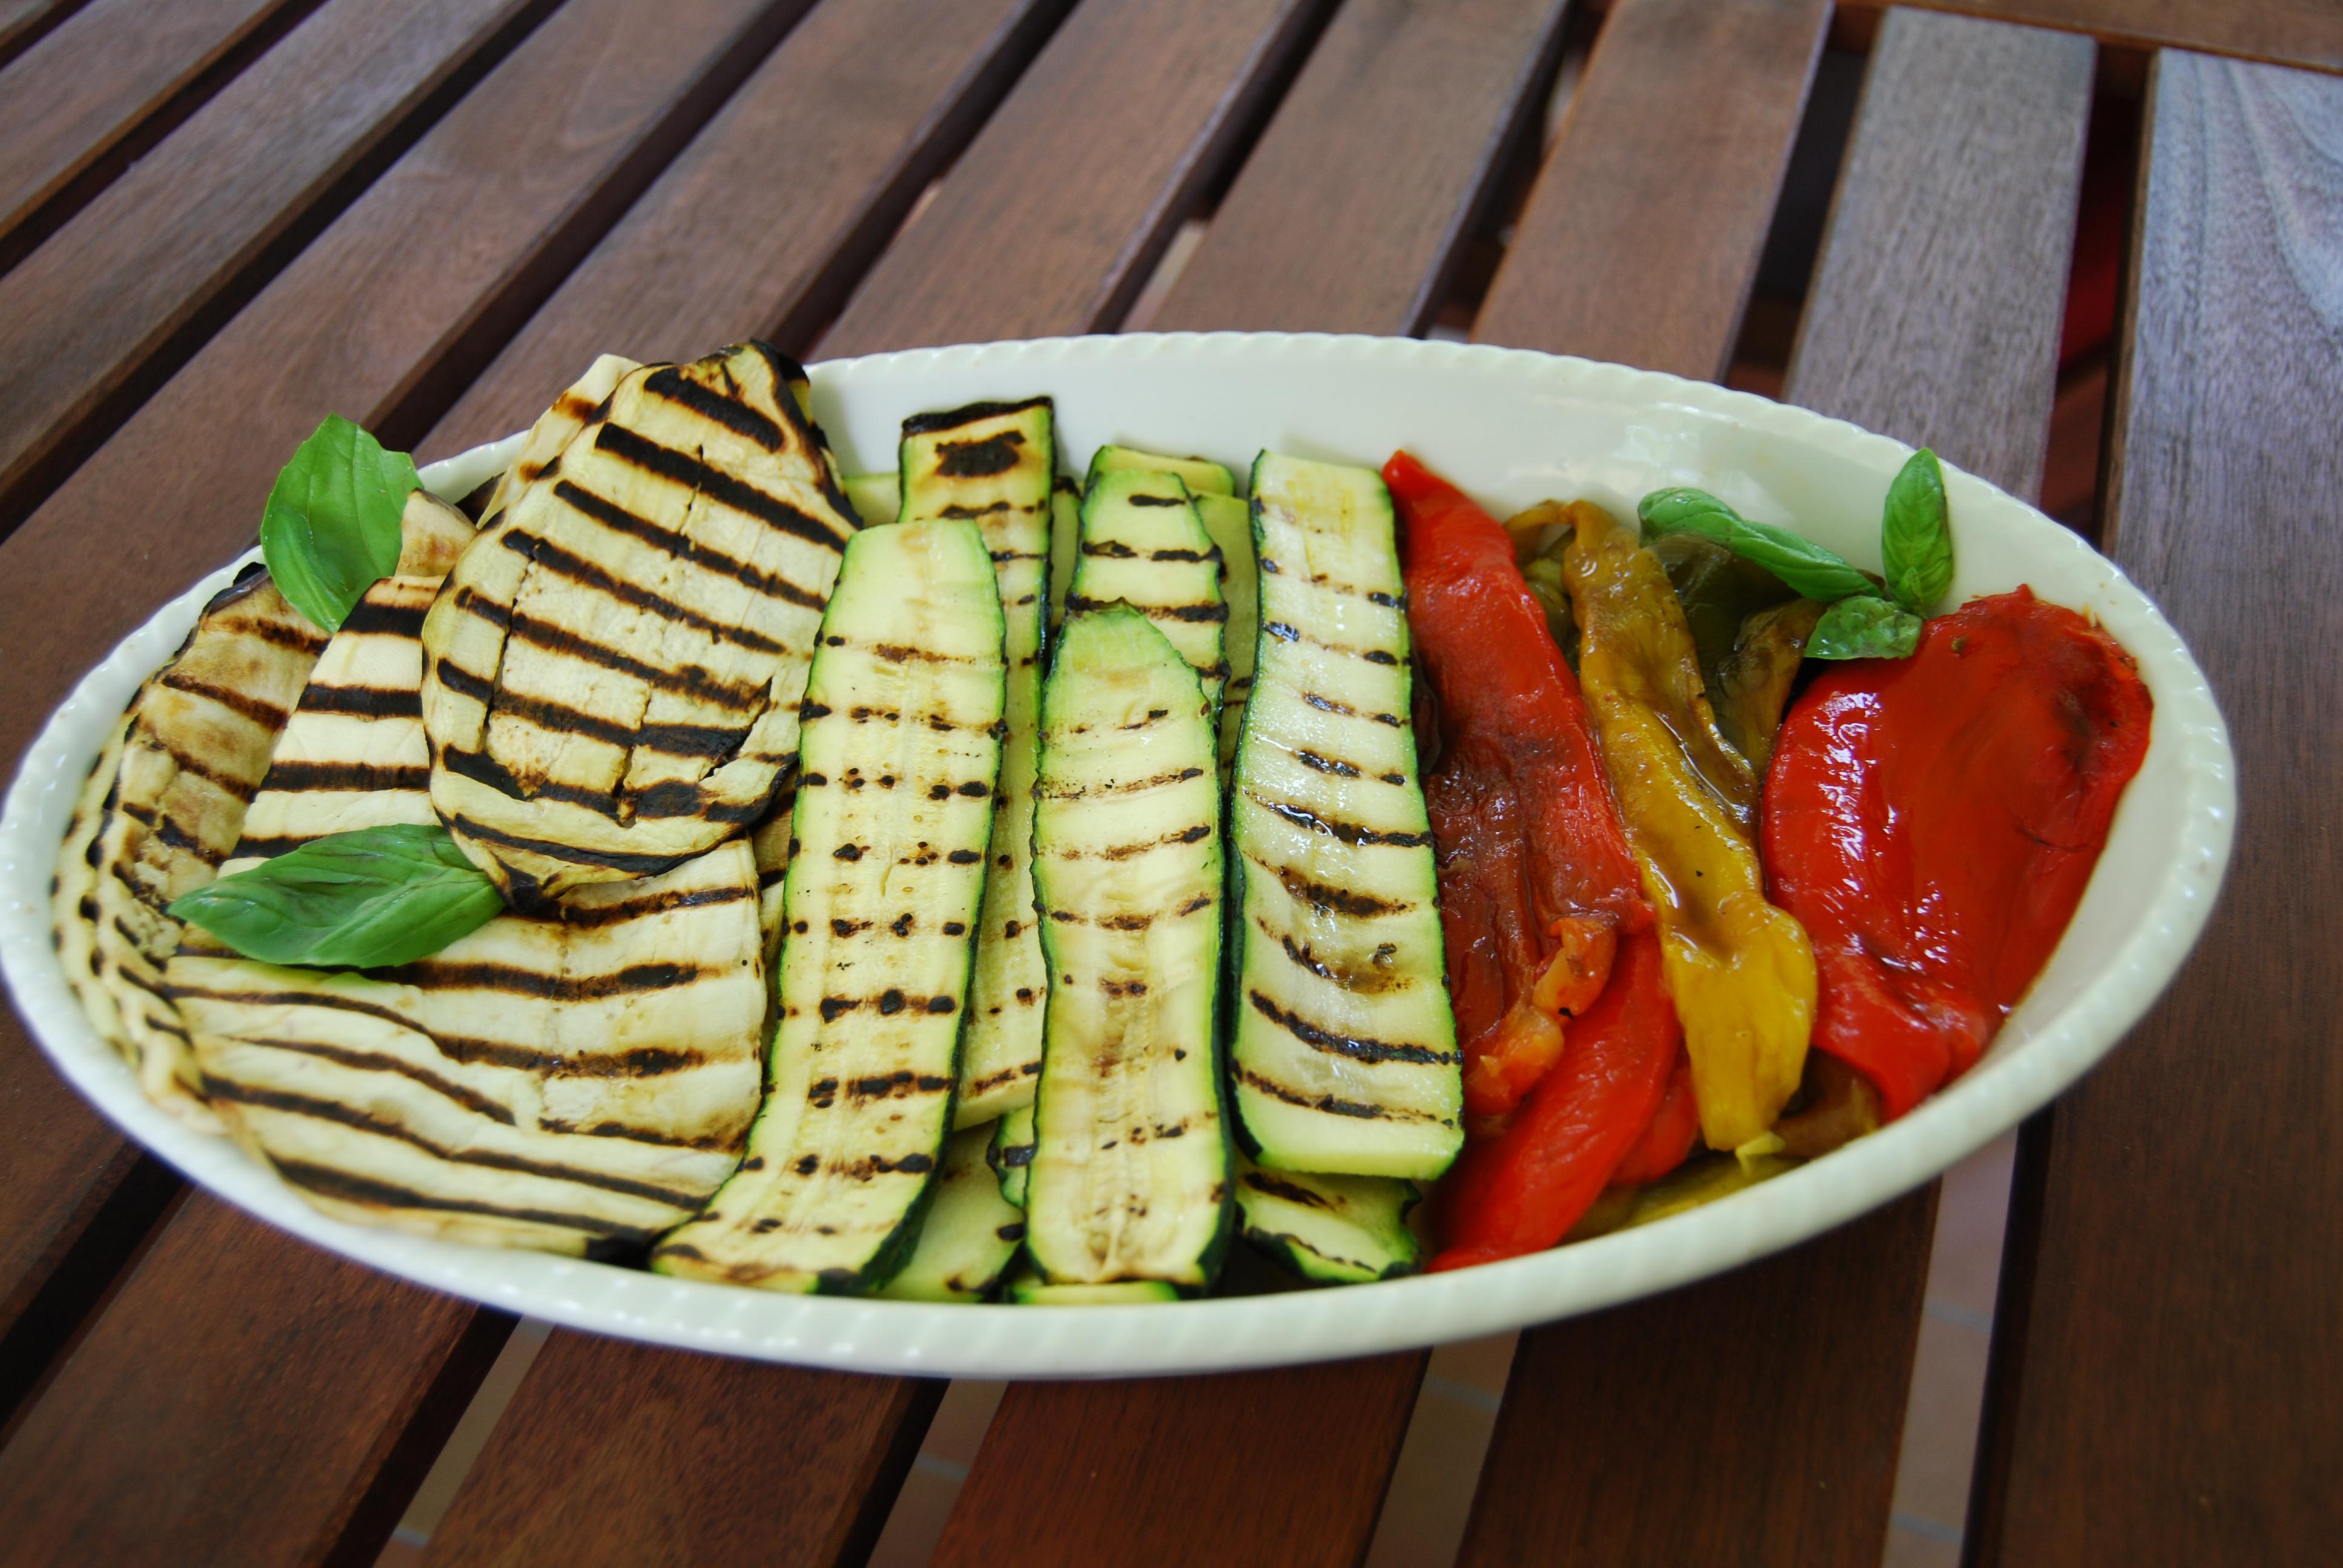 Mangiare più piante per stare meglio